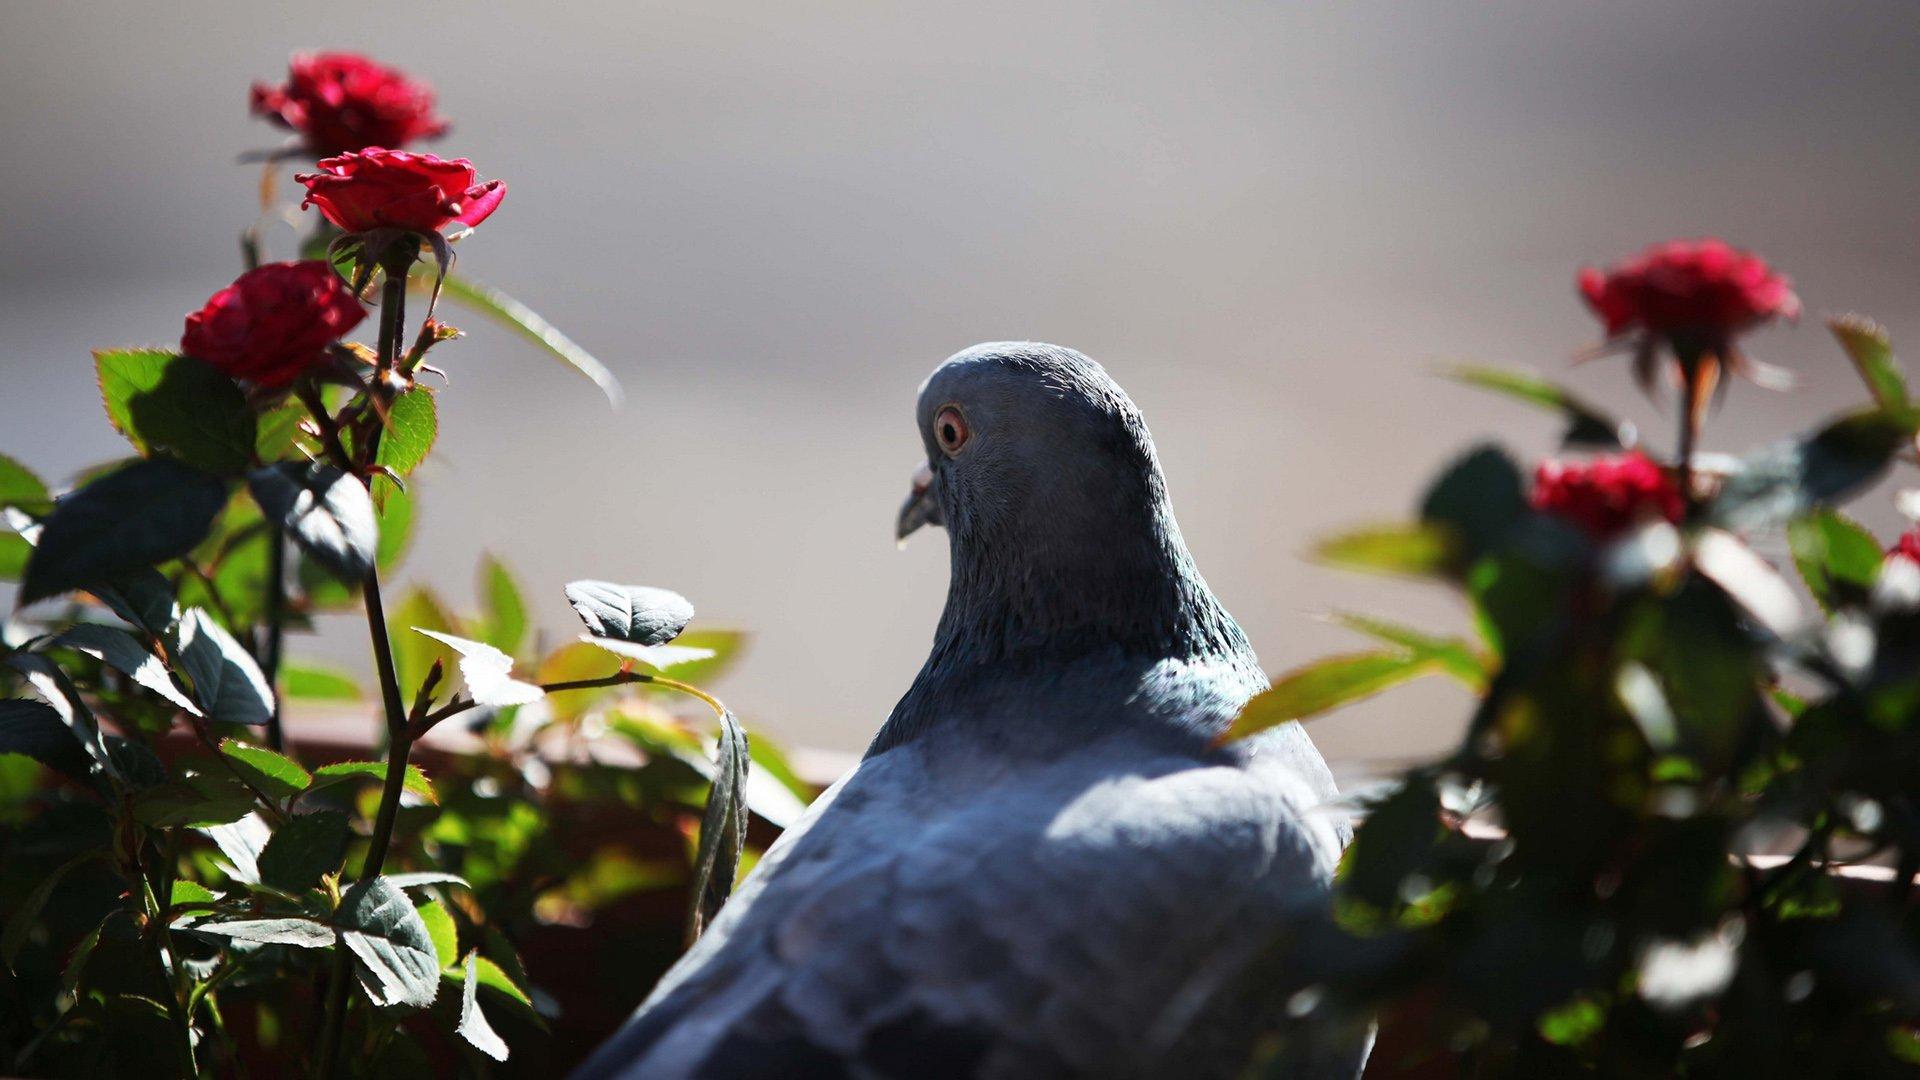 güvercin ve çiçekler